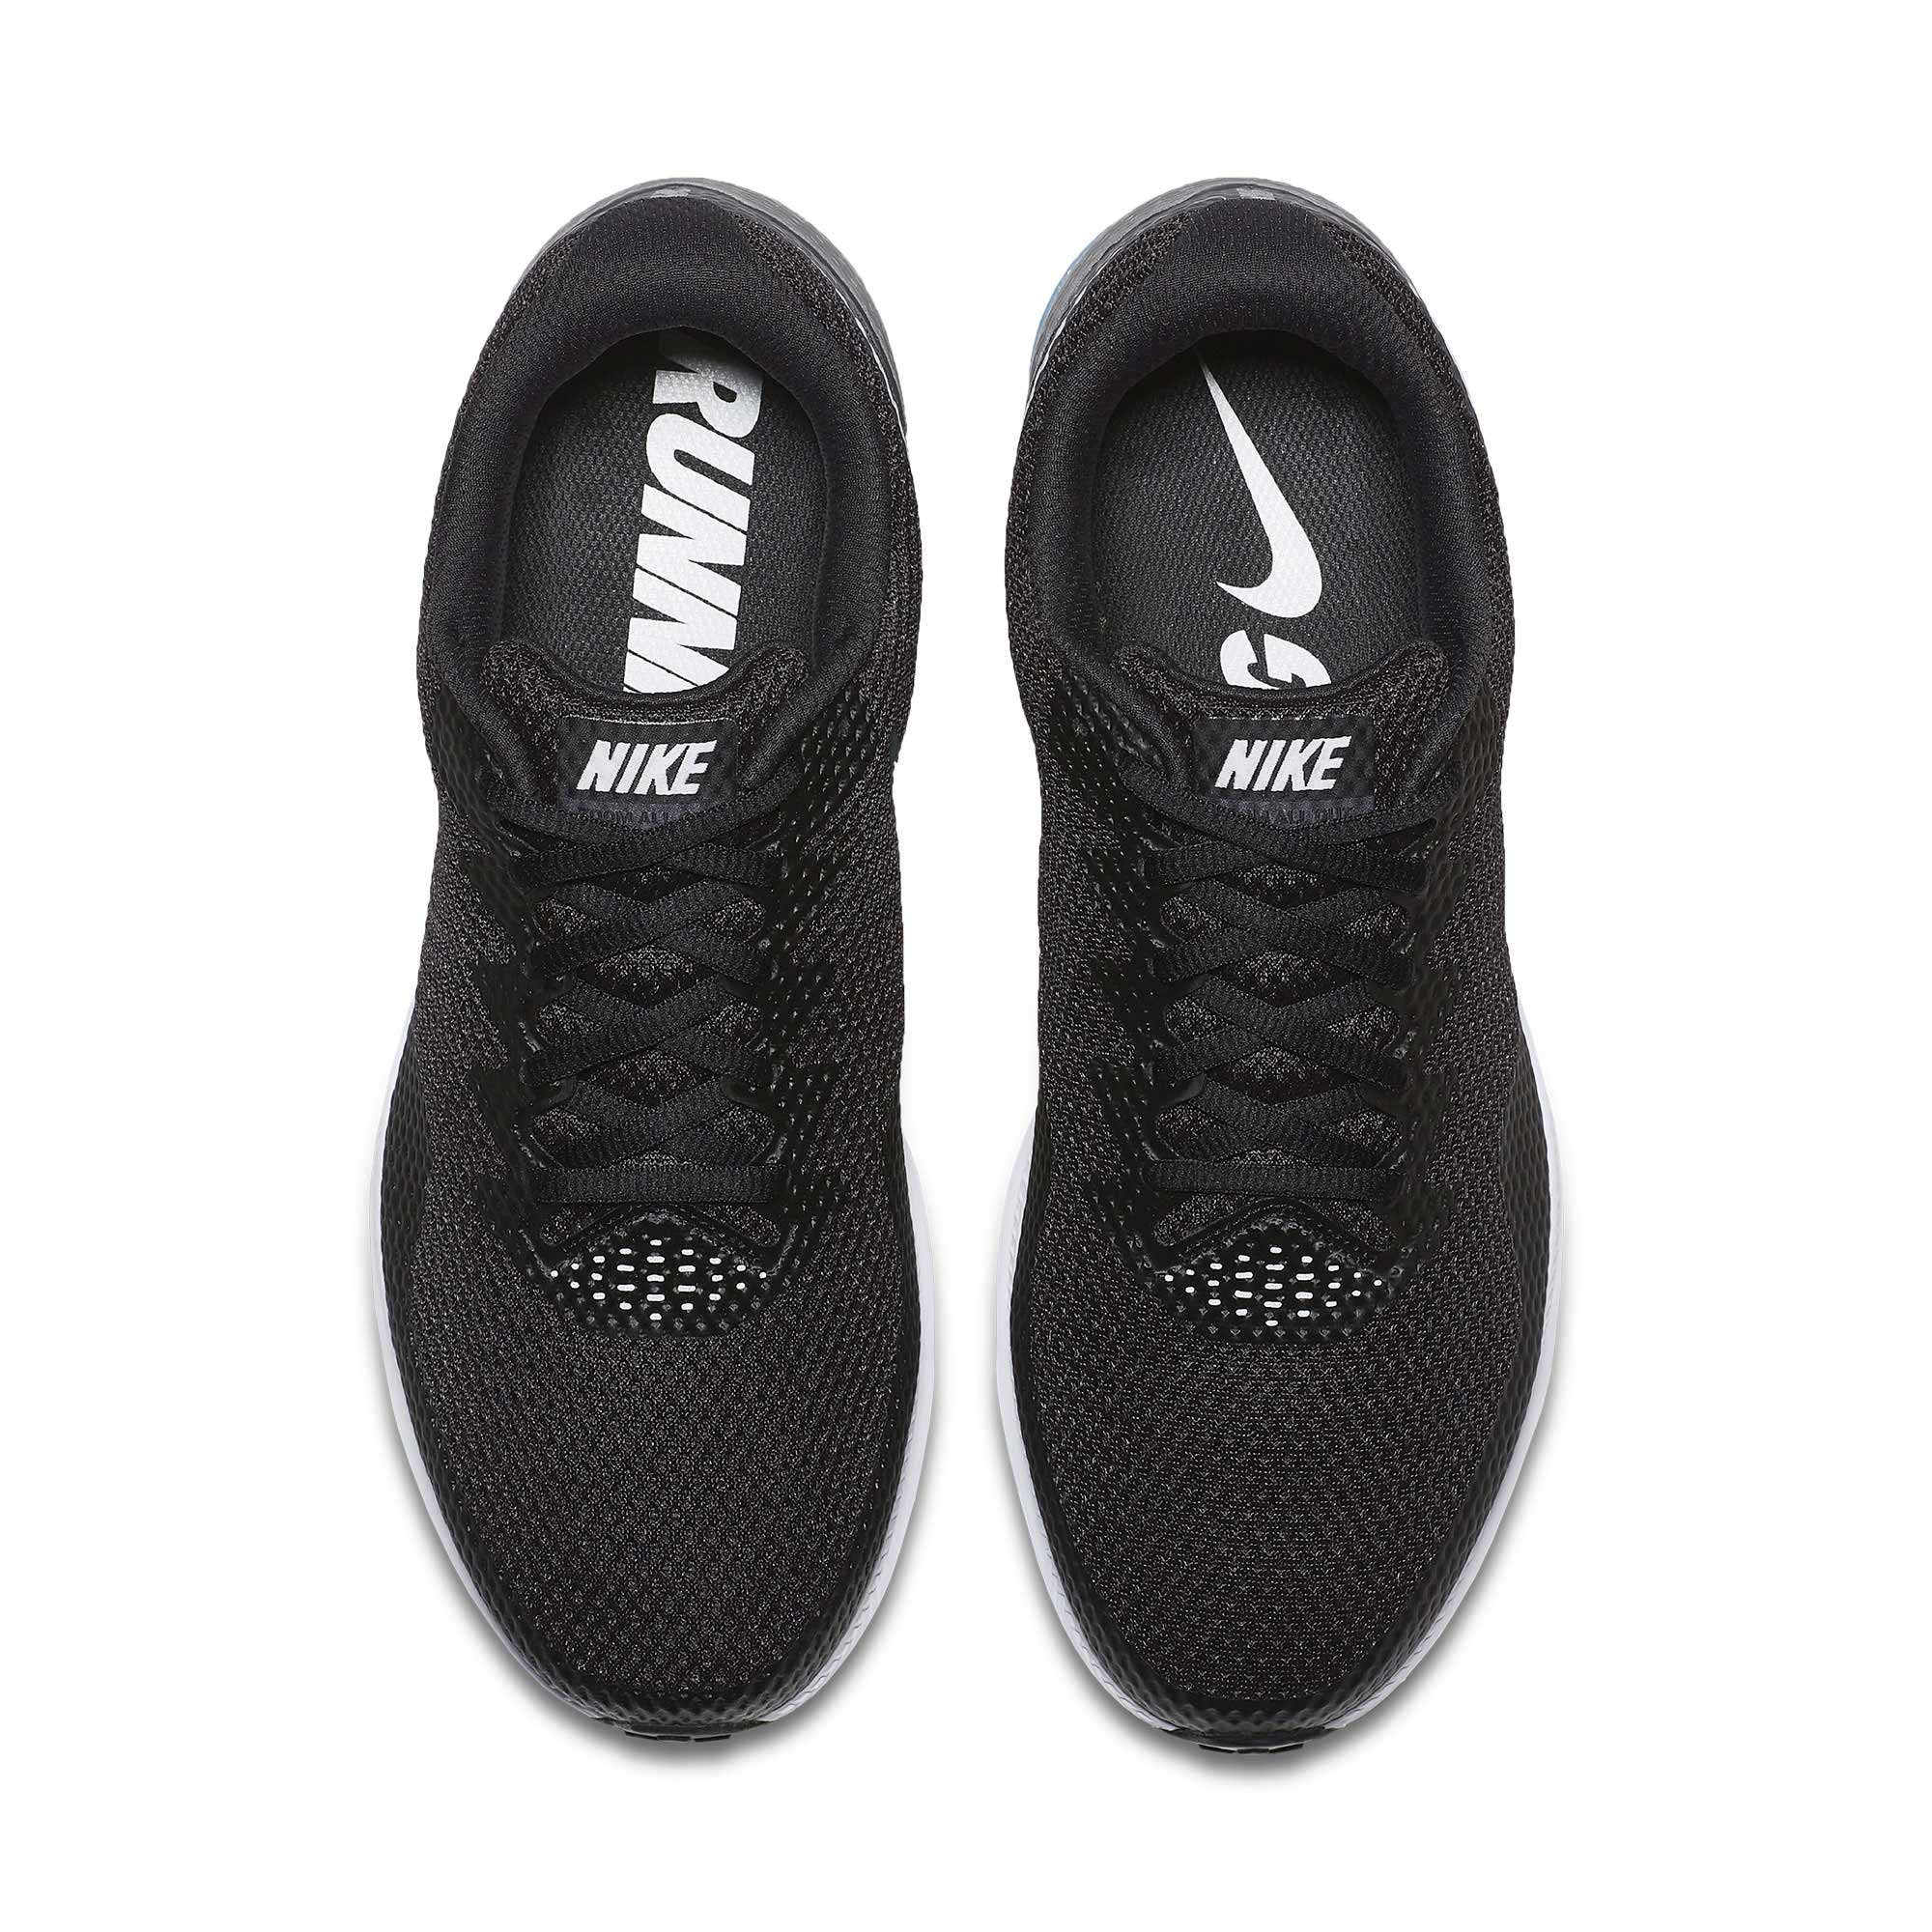 00fb061a7b305c07cc24df49a16b9dad - NIKE ZOOM ALL OUT LOW 2 男子 氣墊慢跑鞋 黑白 緩震 時尚 百搭 AJ0035